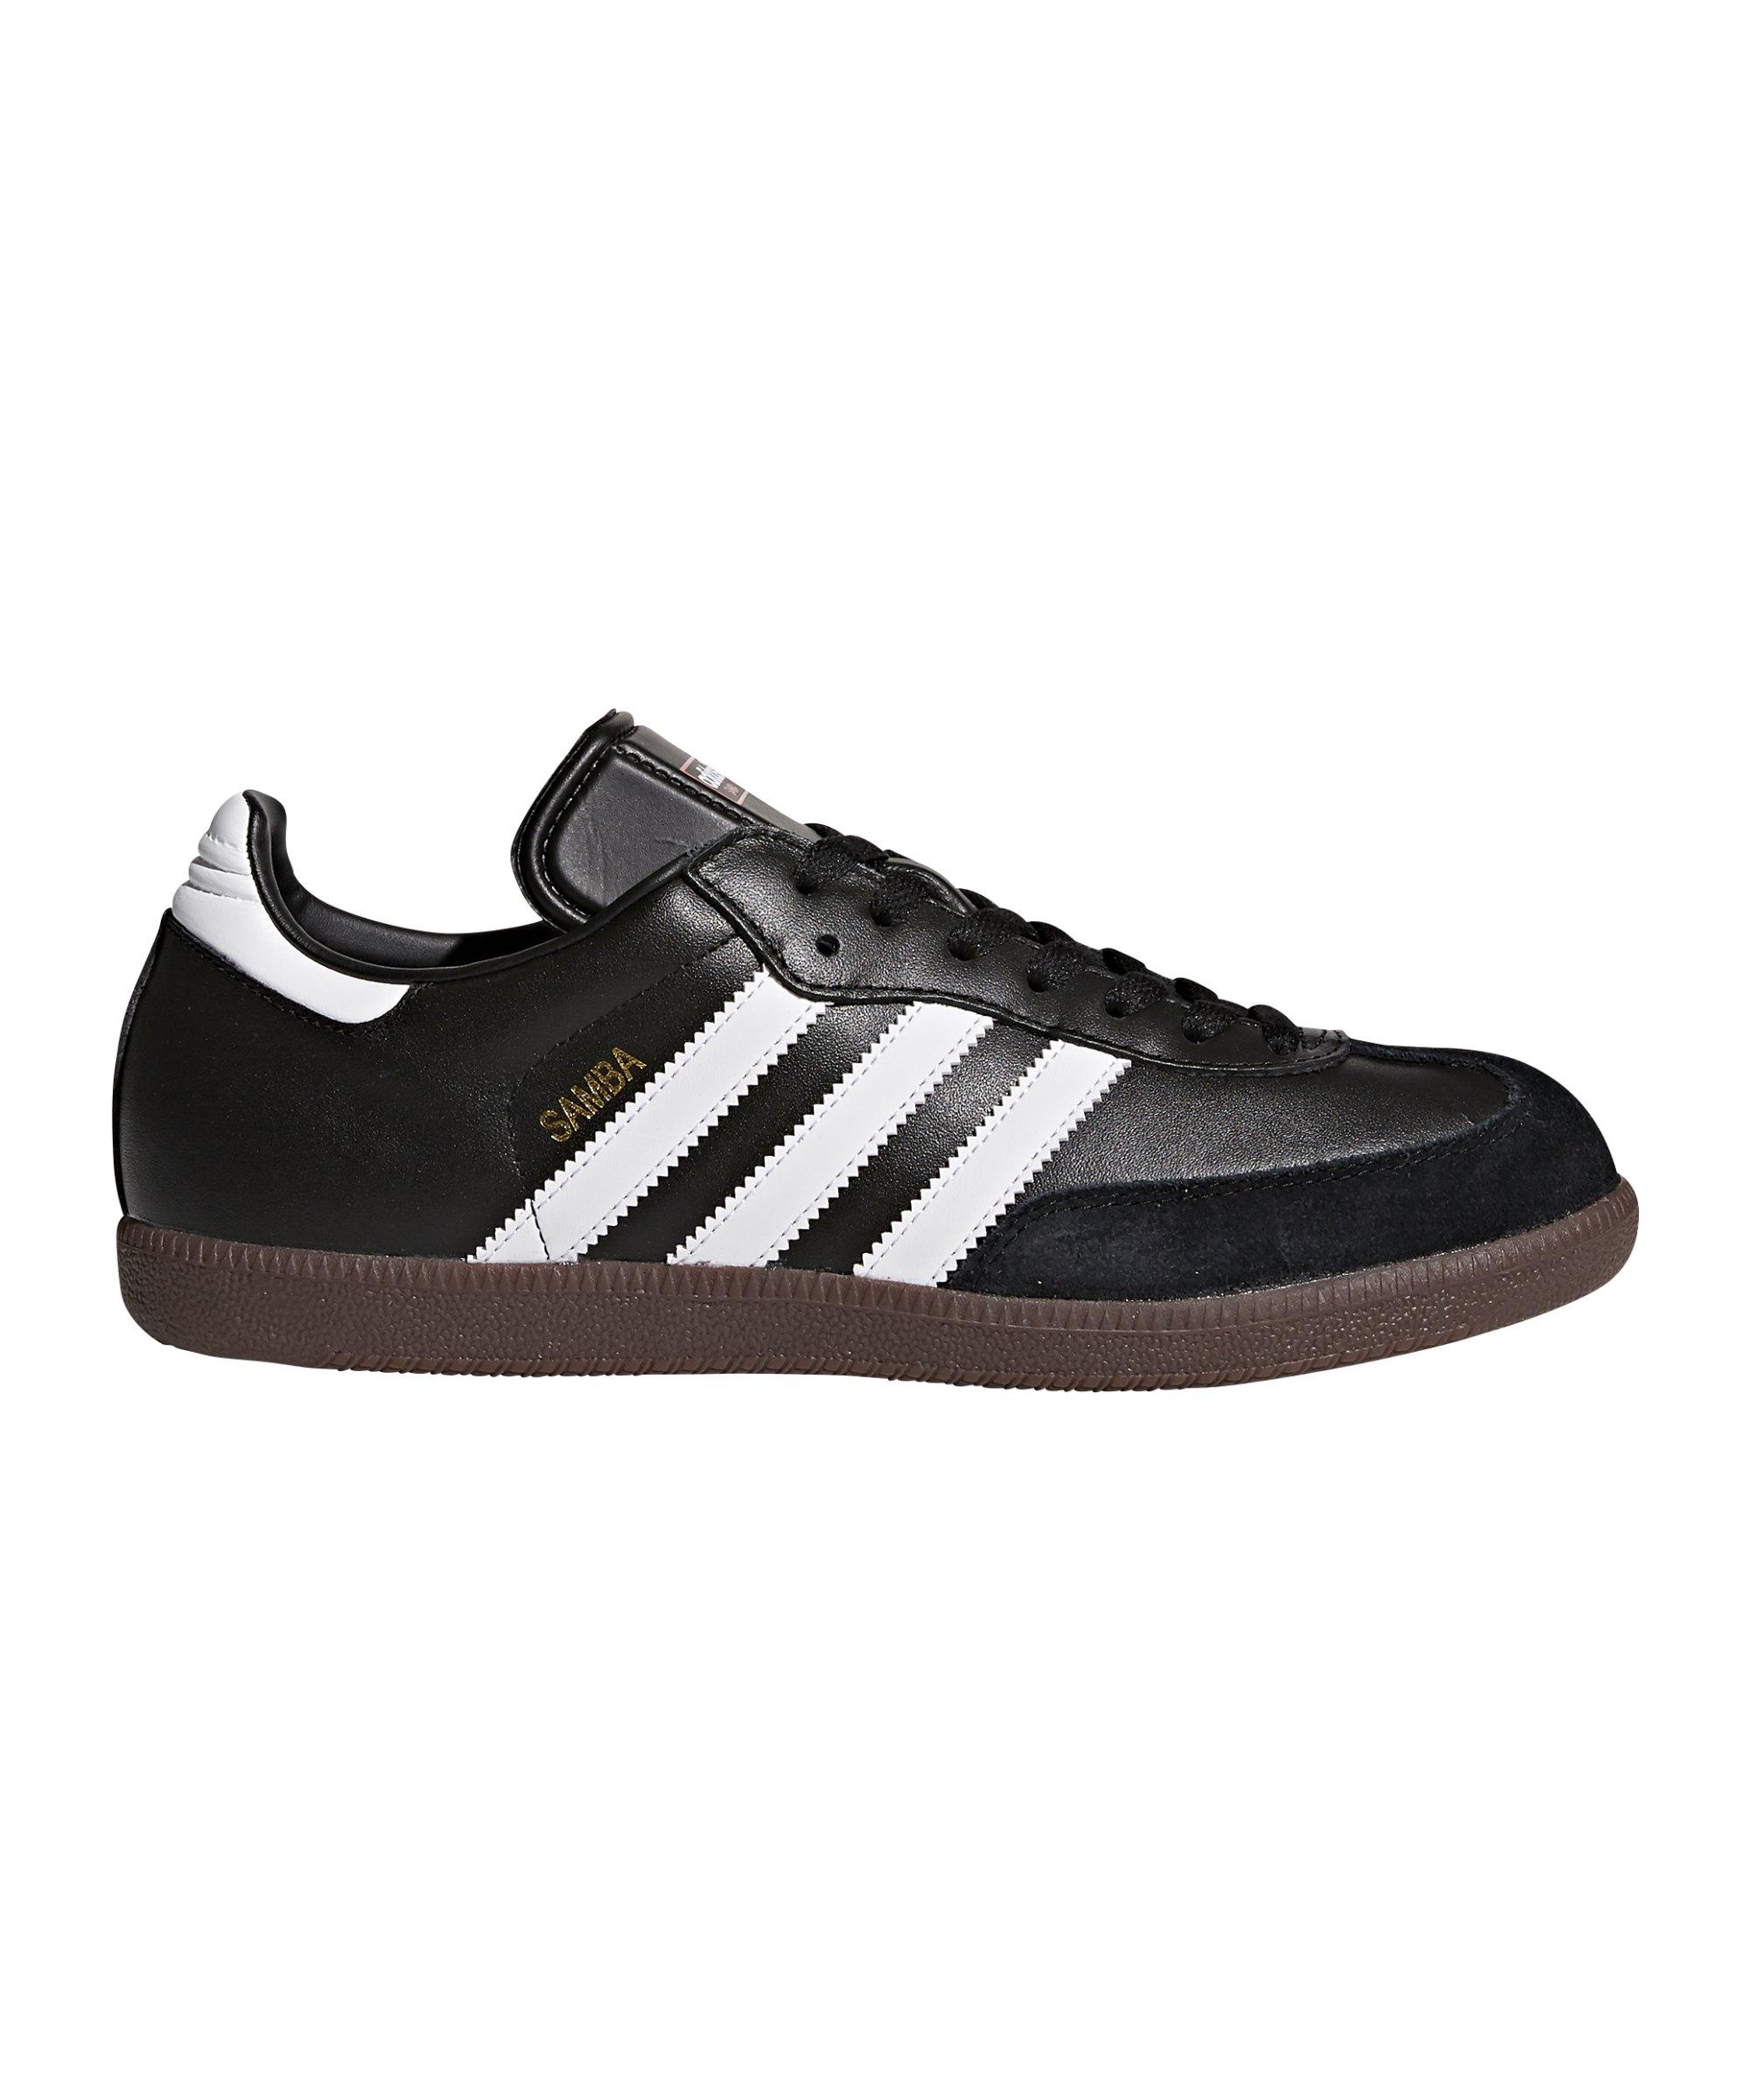 adidas Hallenschuh Samba Leder Schwarz Weiss - schwarz